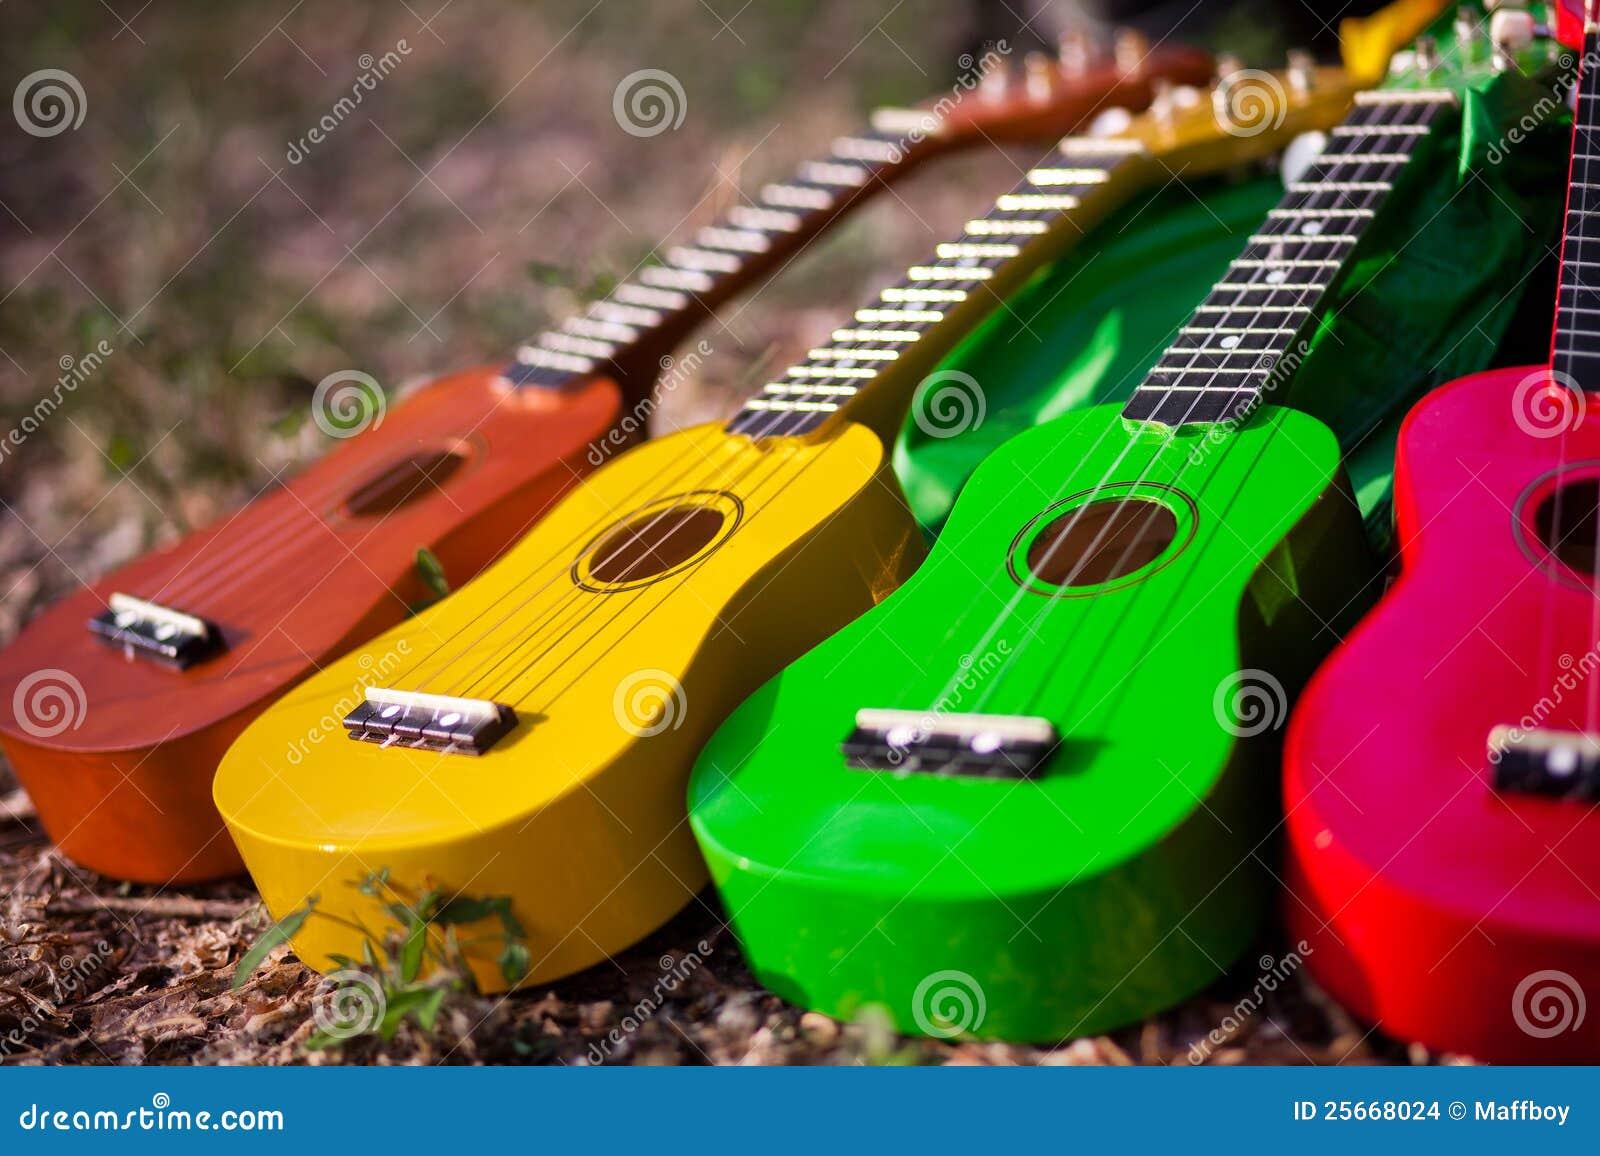 Hawaiischer Instrument Ukulele